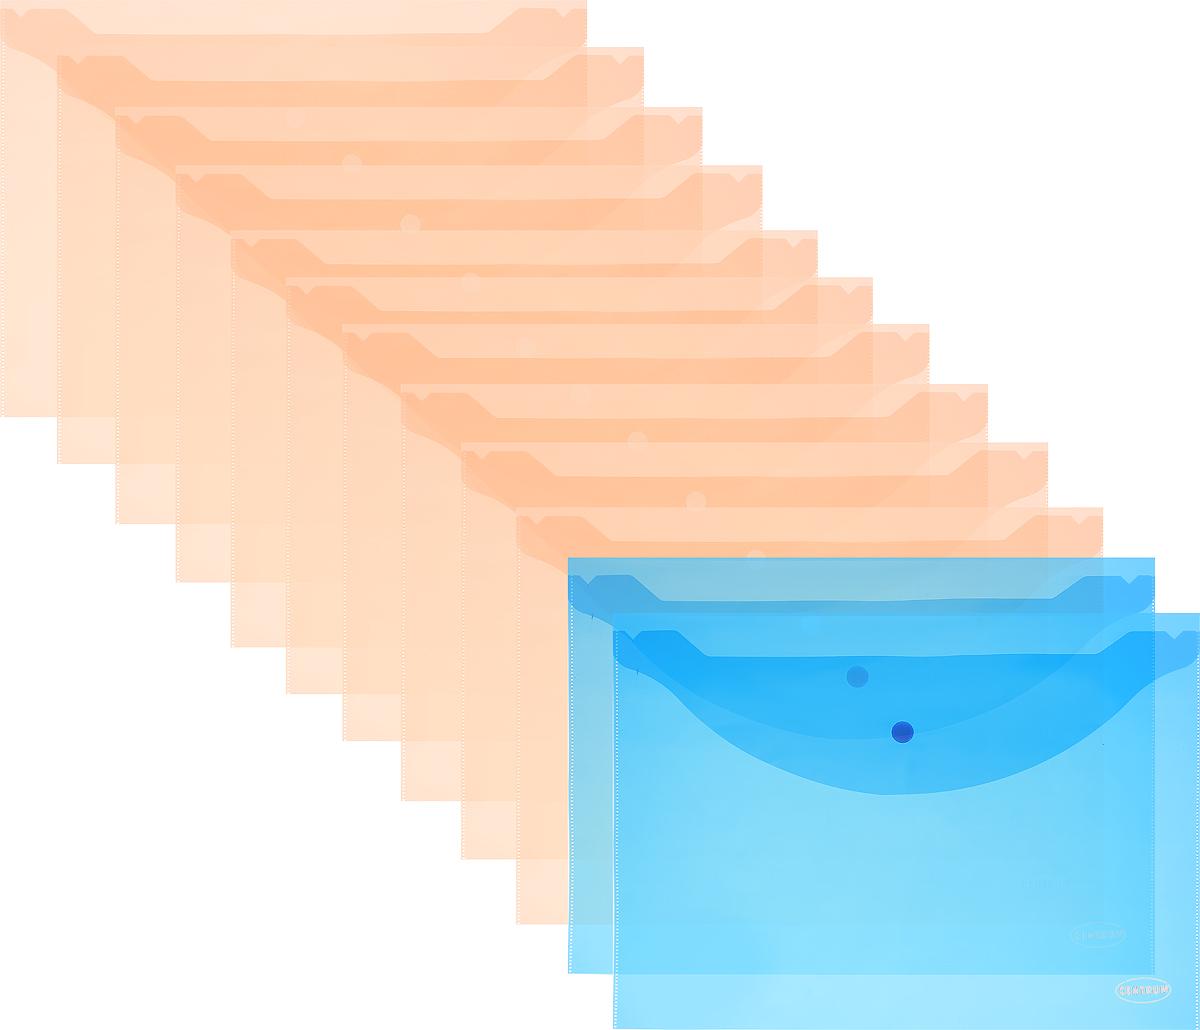 Centrum Папка-конверт на кнопке цвет синий оранжевый 12 шт80024_синий, оранжевыйПапка-конверт на кнопке Centrum - это удобный и функциональный офисный инструмент, предназначенный для хранения и транспортировки рабочих бумаг и документов формата А4. Папка изготовлена из полупрозрачного полипропилена малинового цвета и закрывается клапаном на кнопке.В упаковке 12 папок.